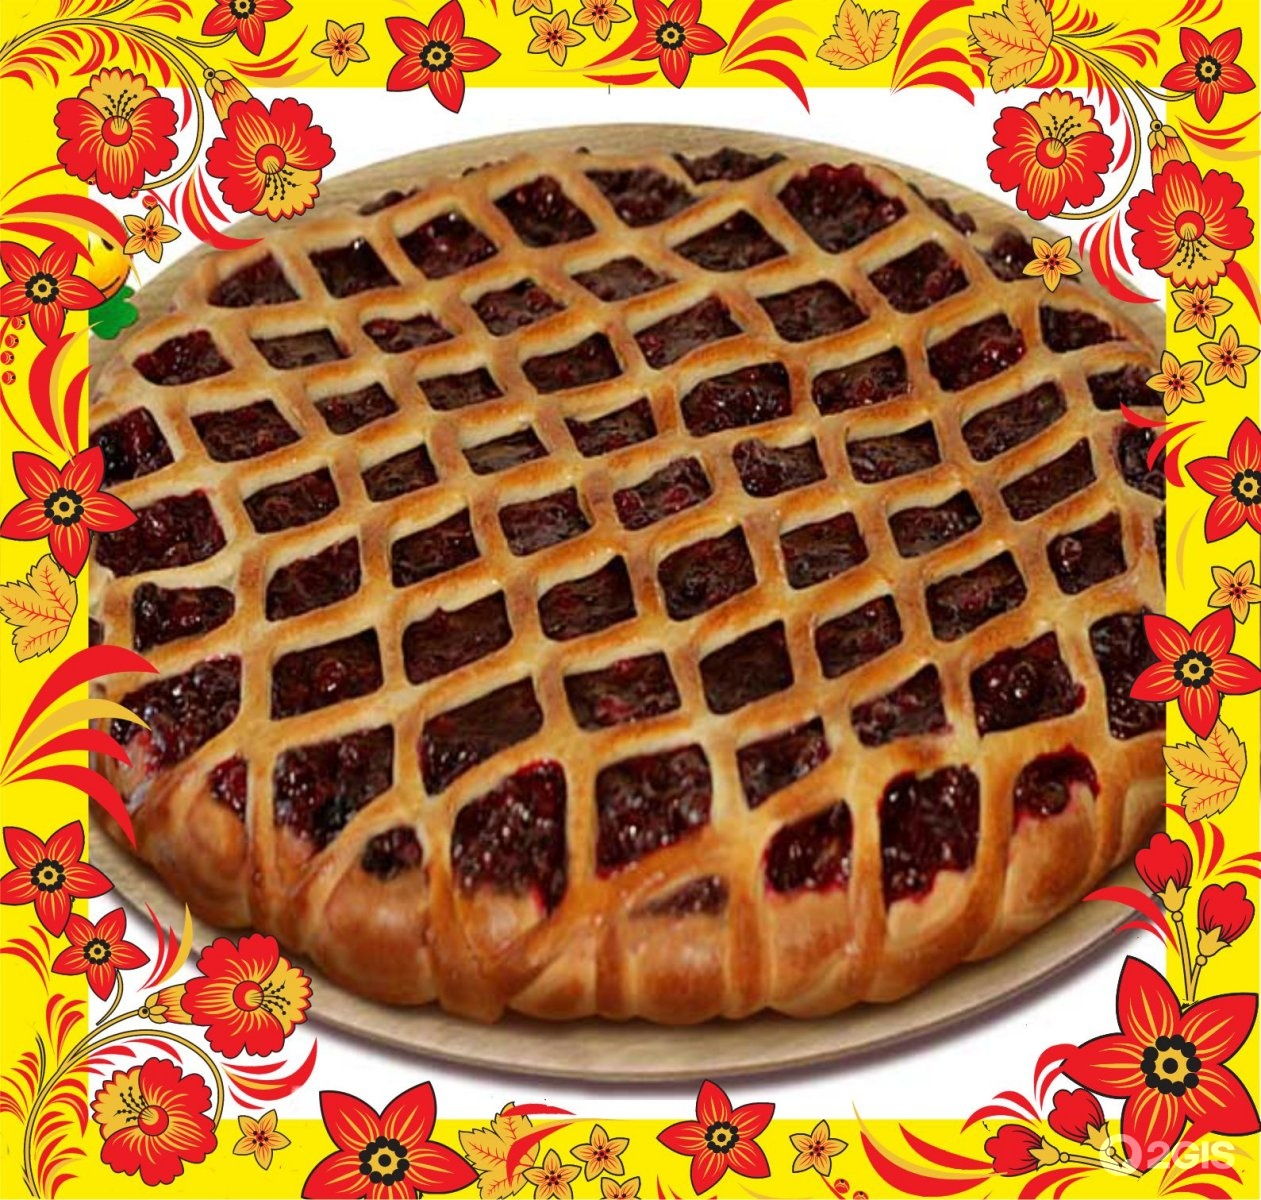 Оформления пирогов или как красиво украсить пироги и тортики 20